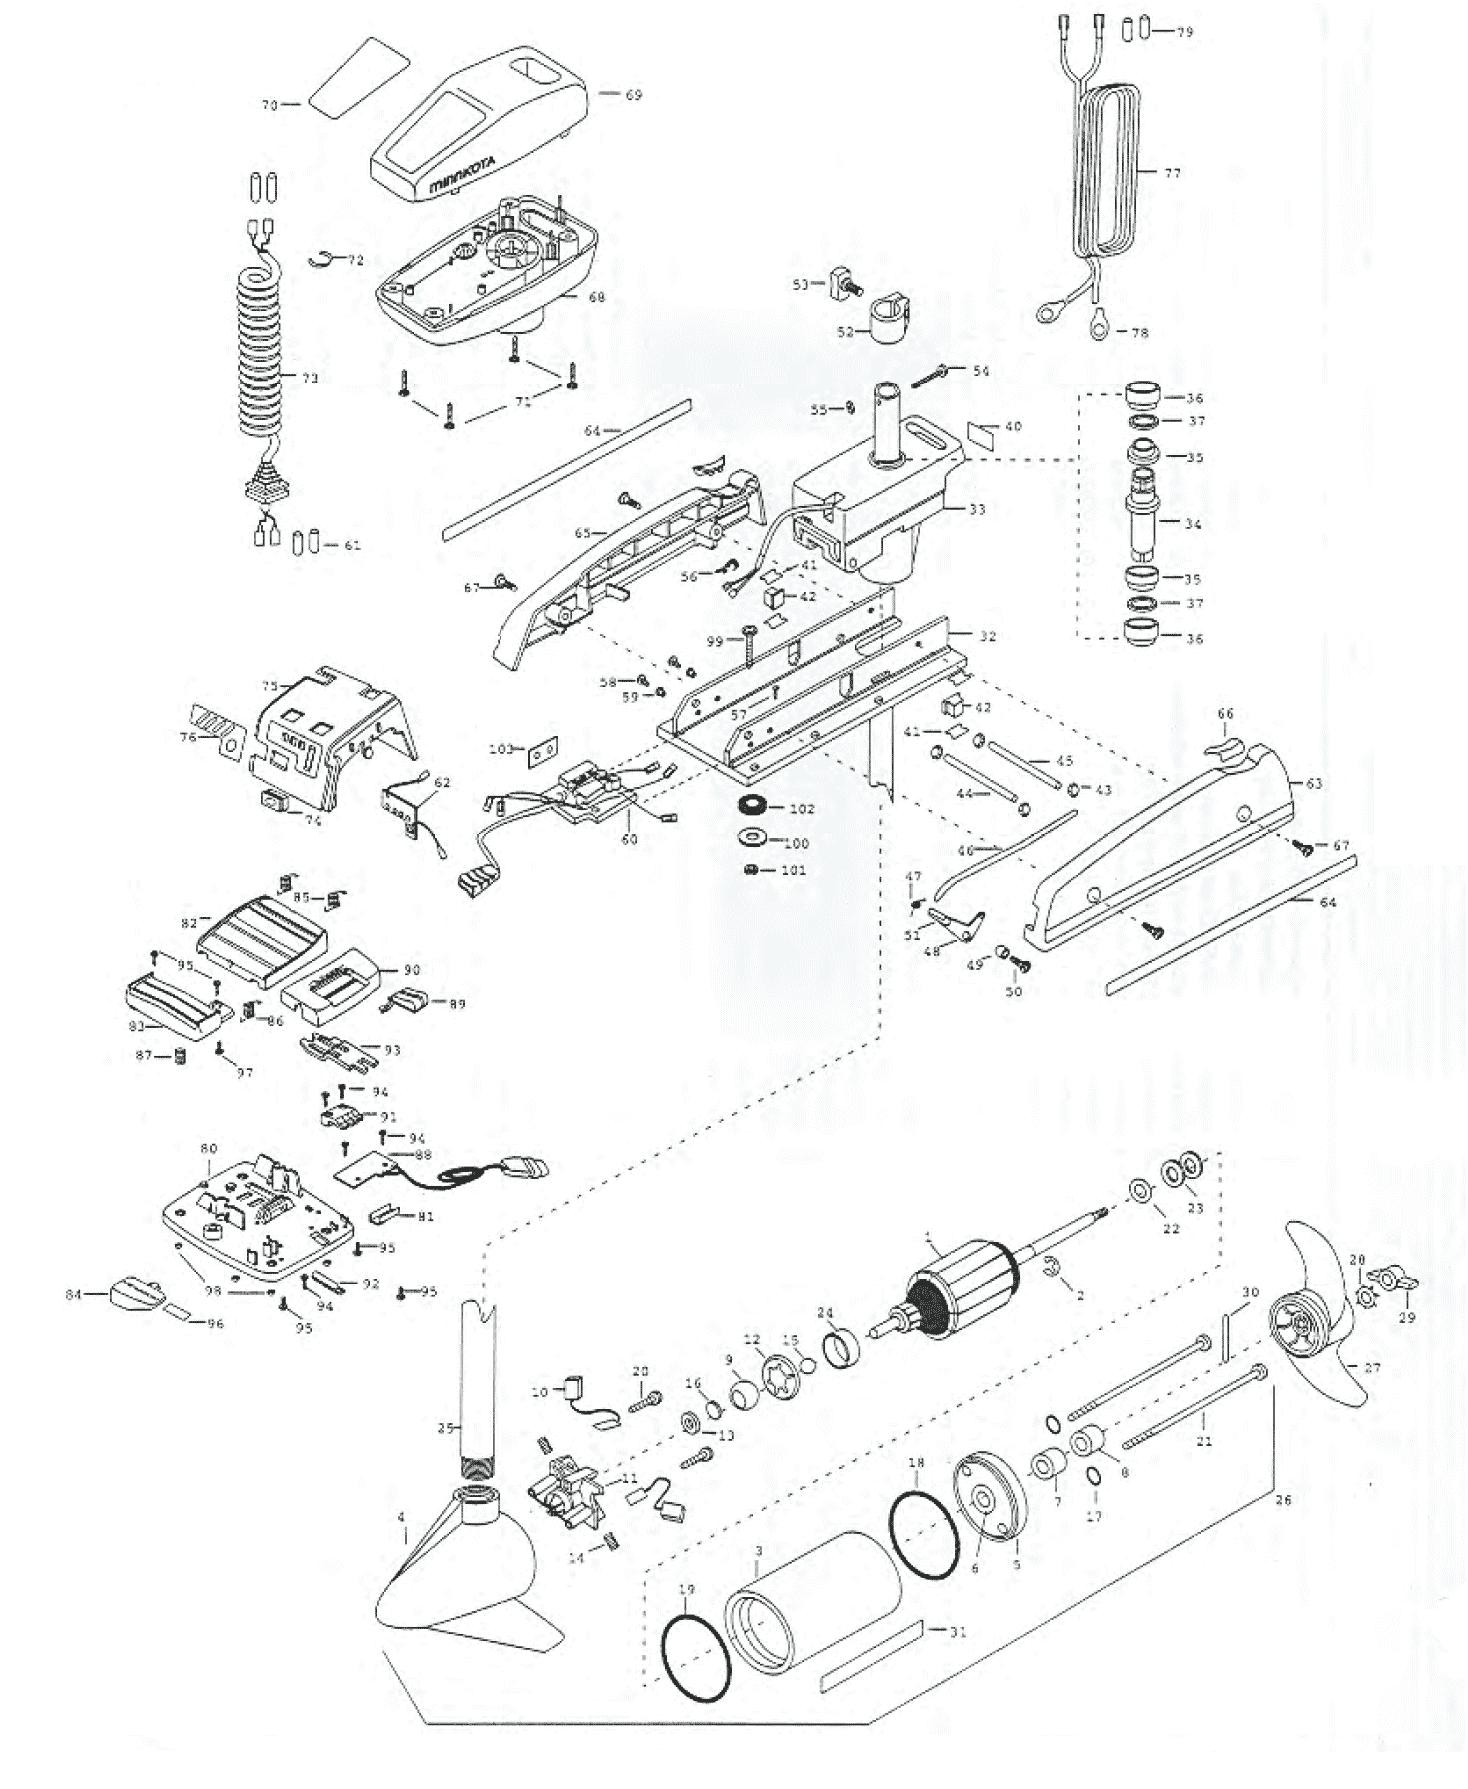 Minn       Kota    PowerDrive 38 Pro Parts  2000 from FISH307